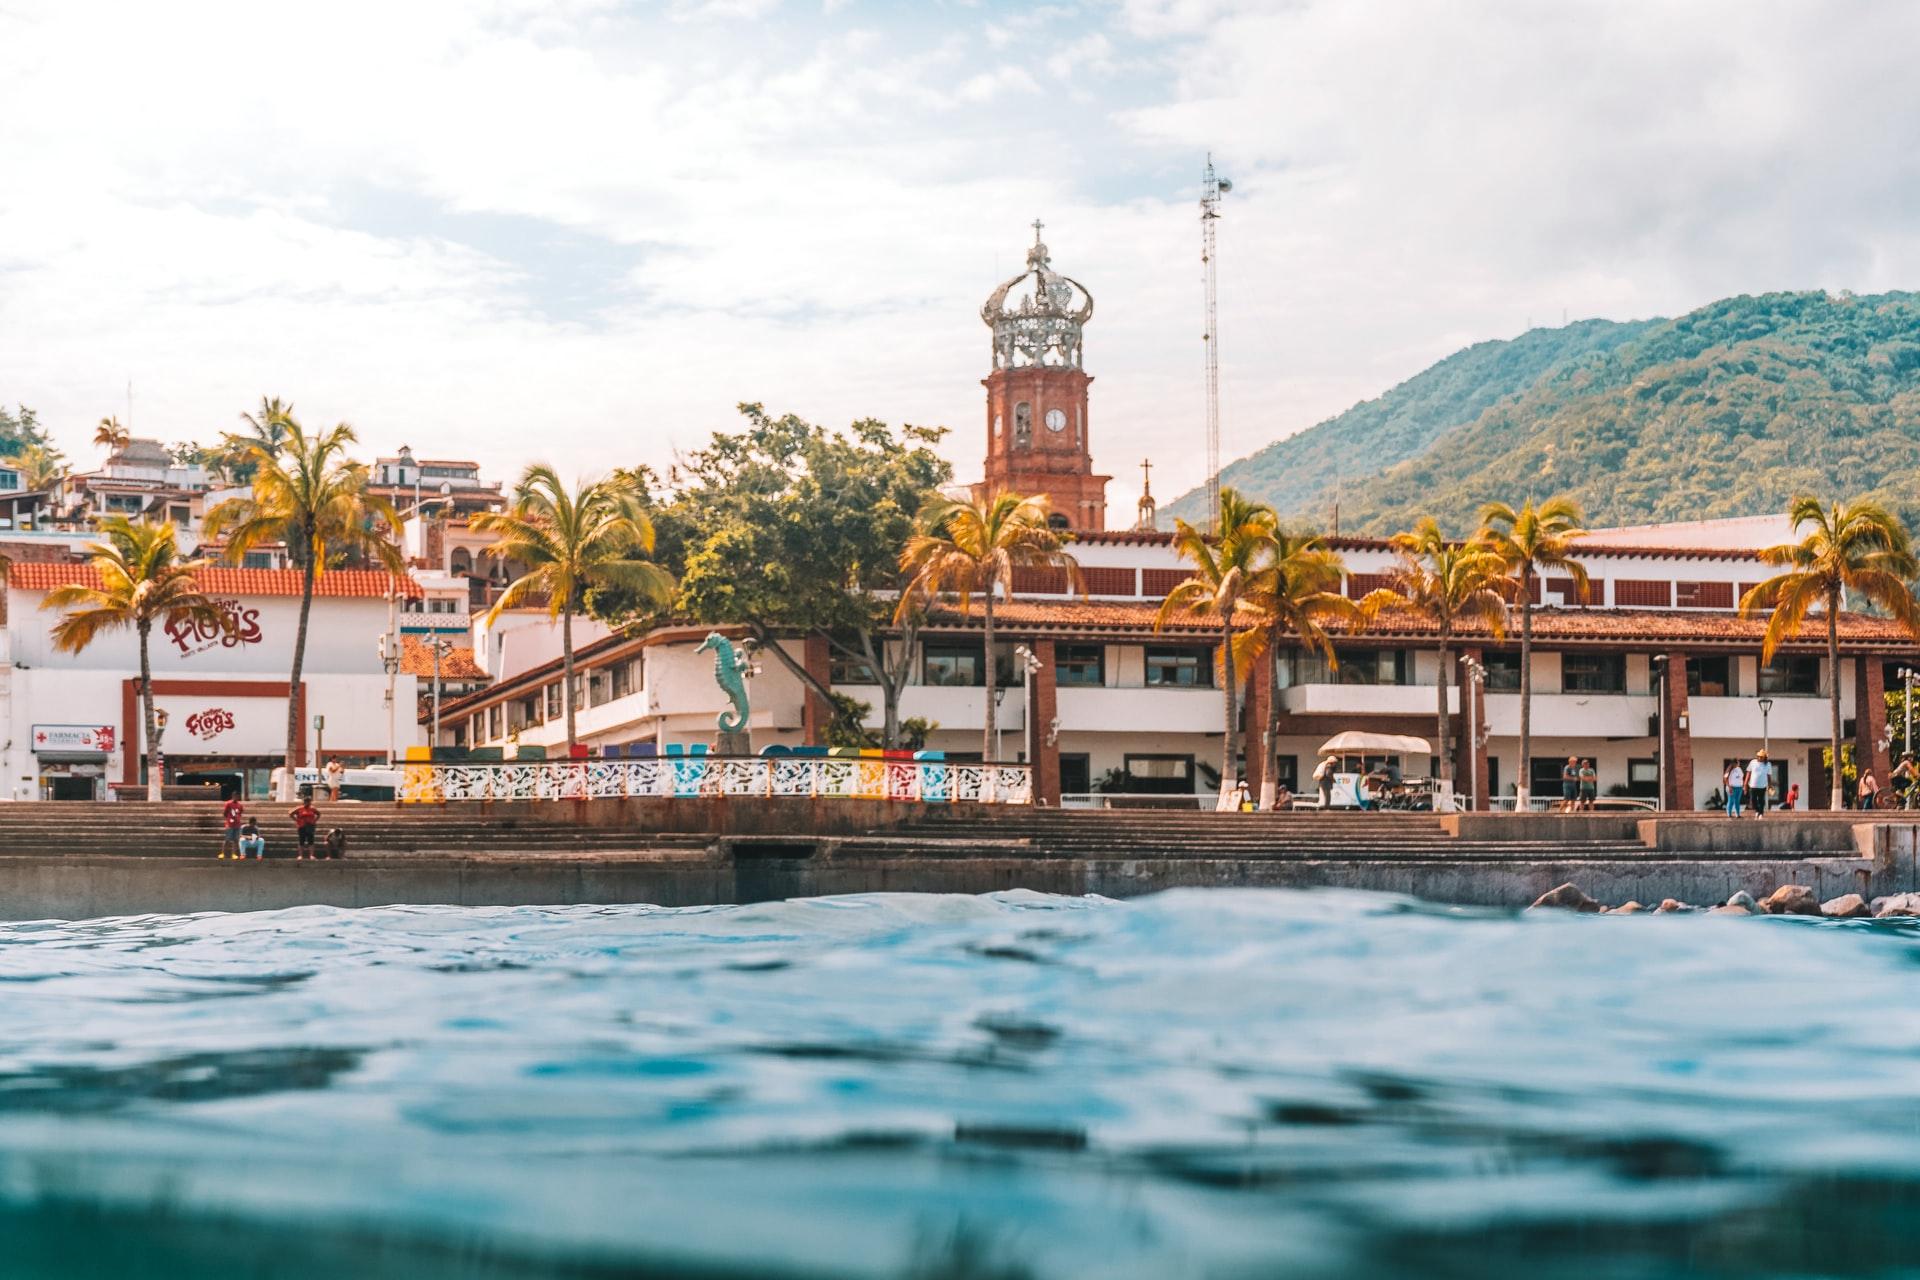 Hoteles y playas en Puerto Vallarta y Bahías de Banderas reabren